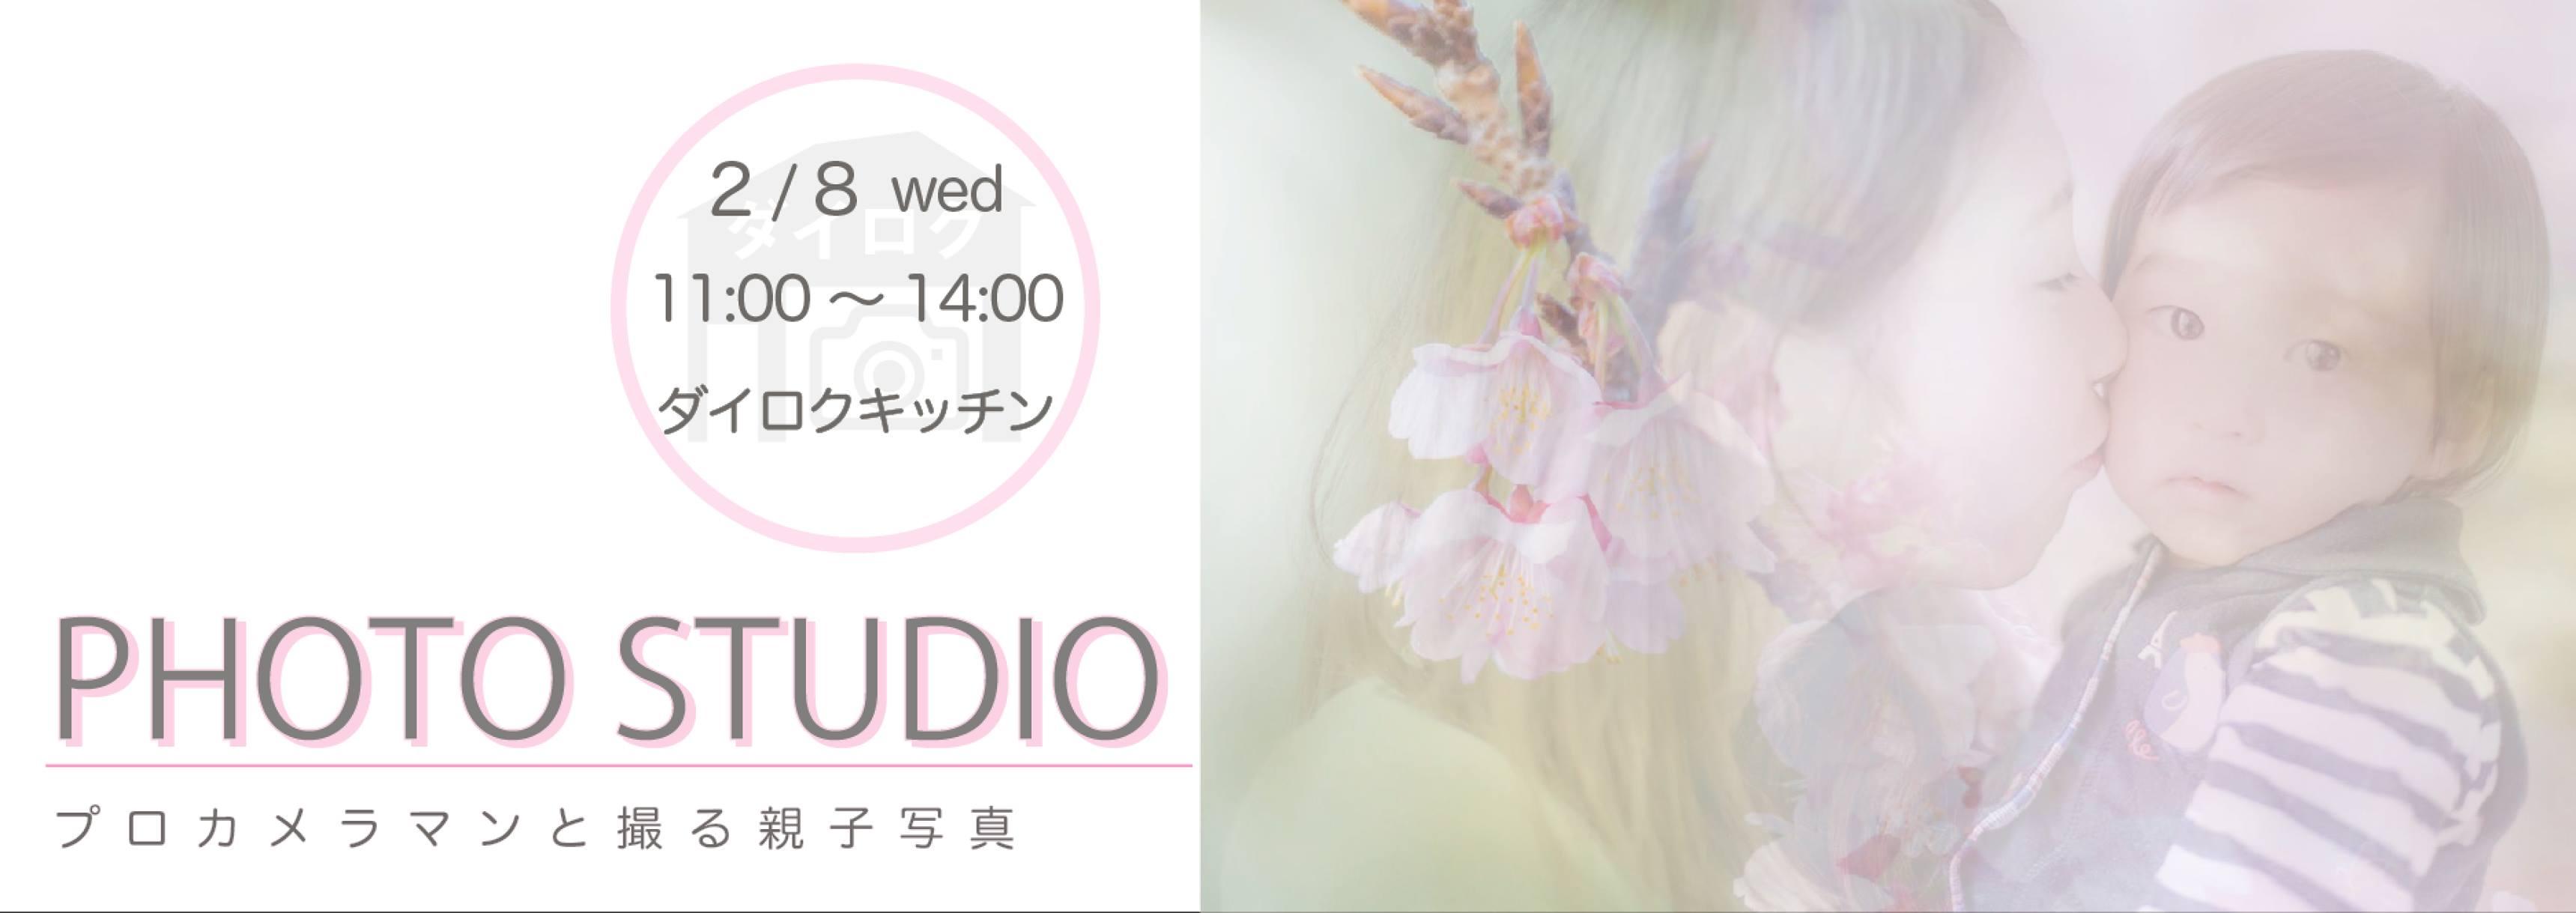 19_photo studio